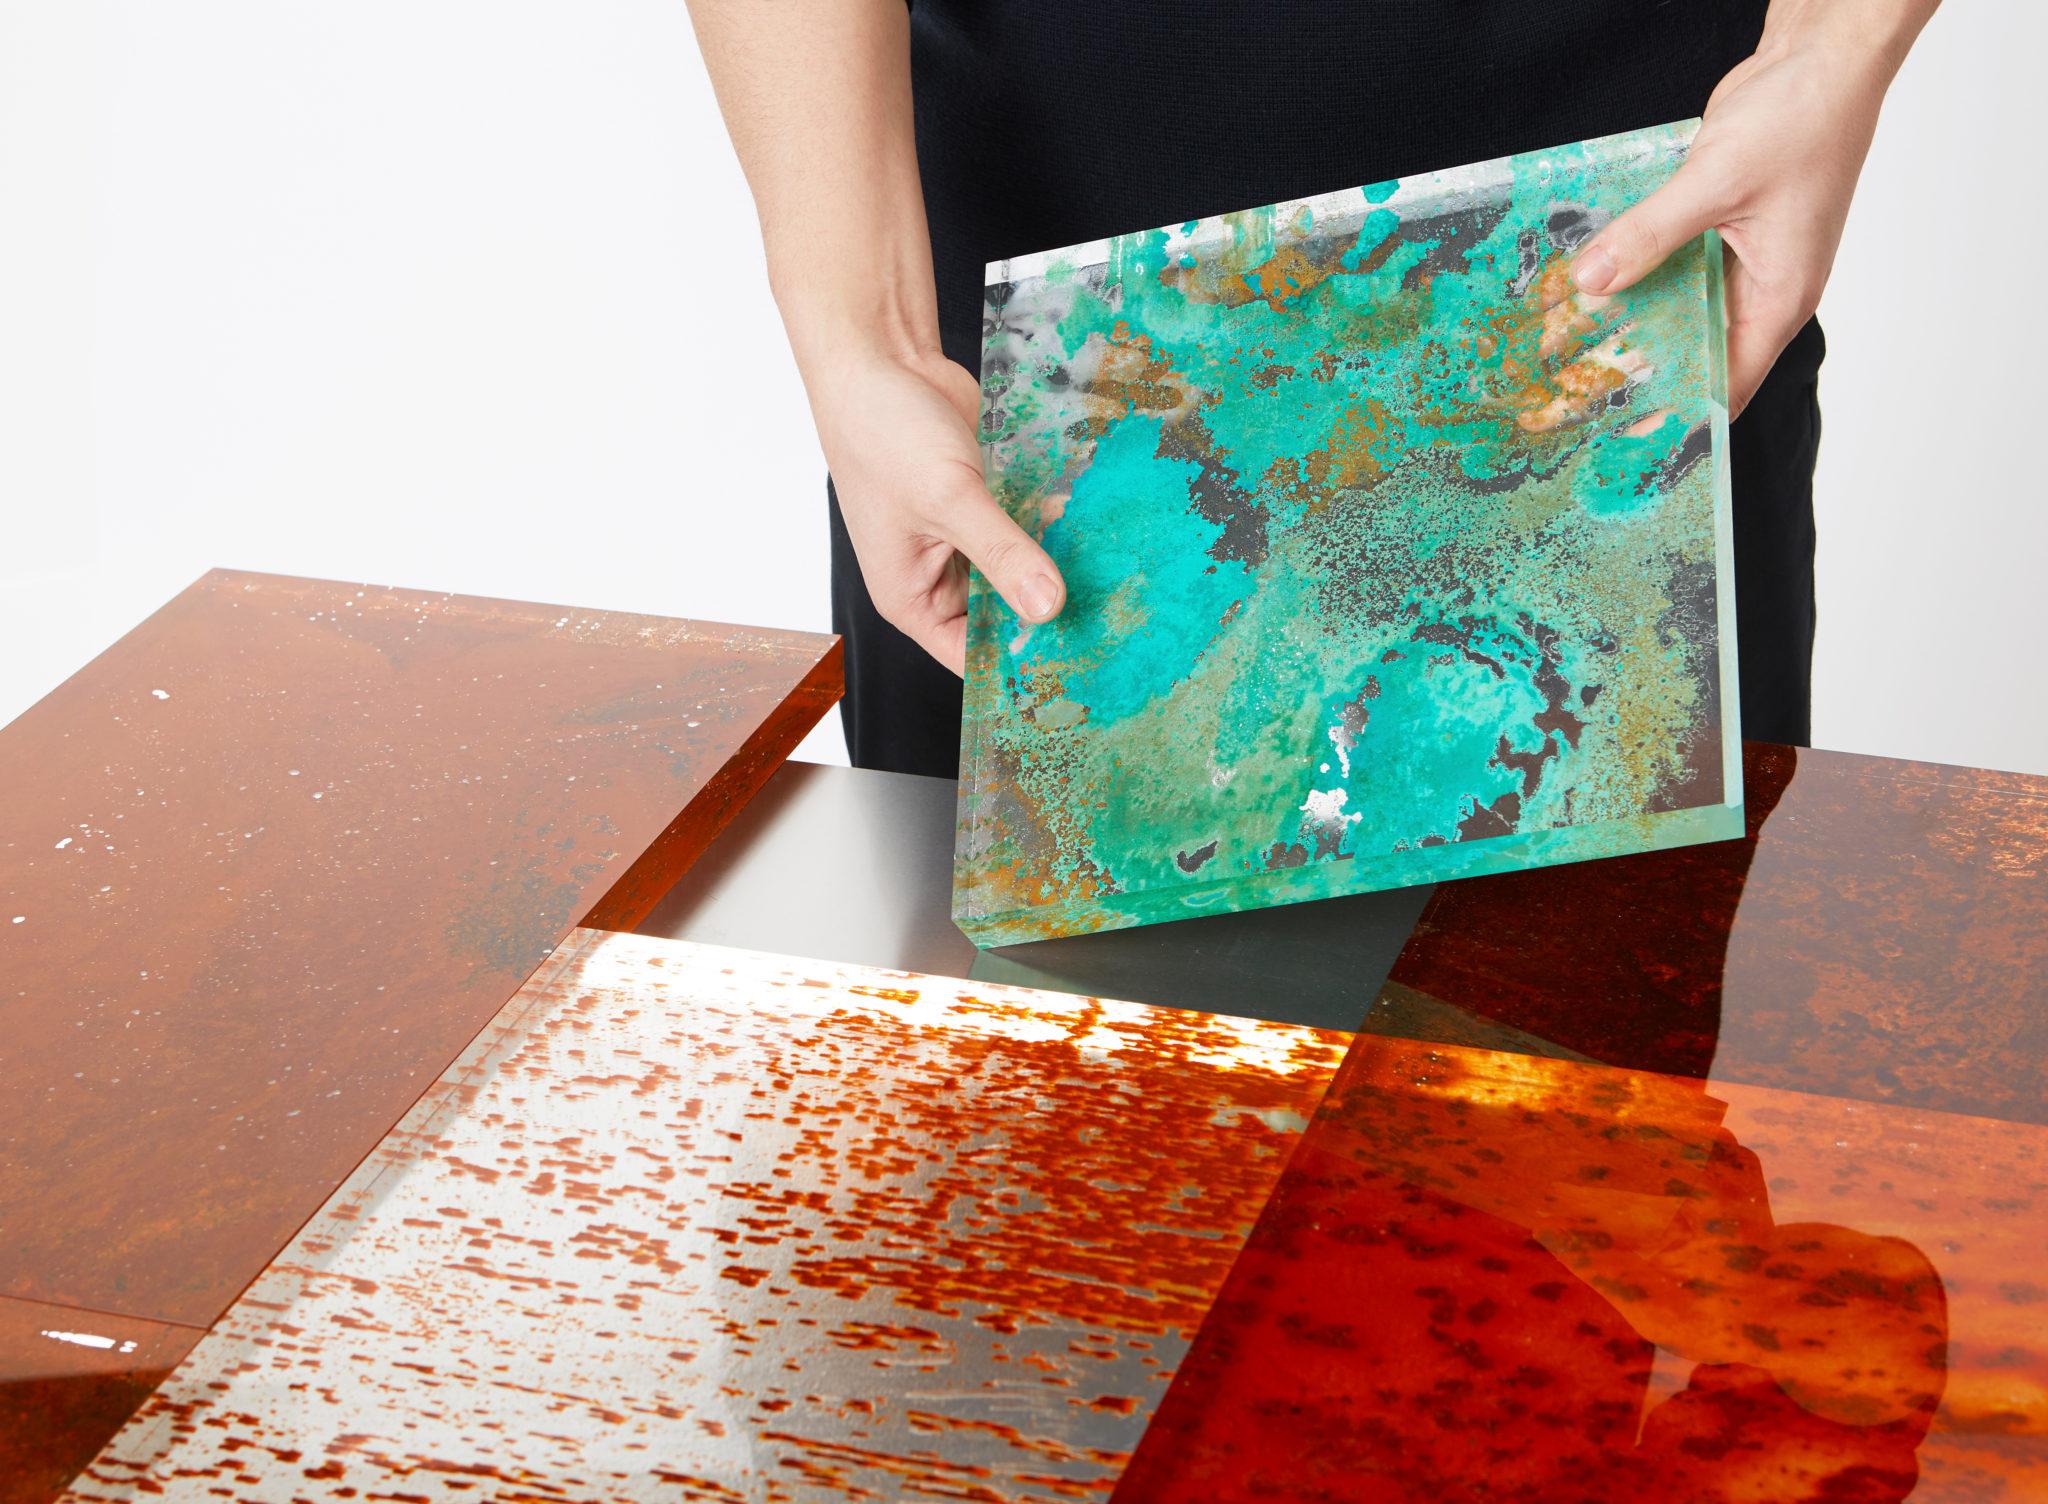 planchas de diversos colores en el montaje de la mesa